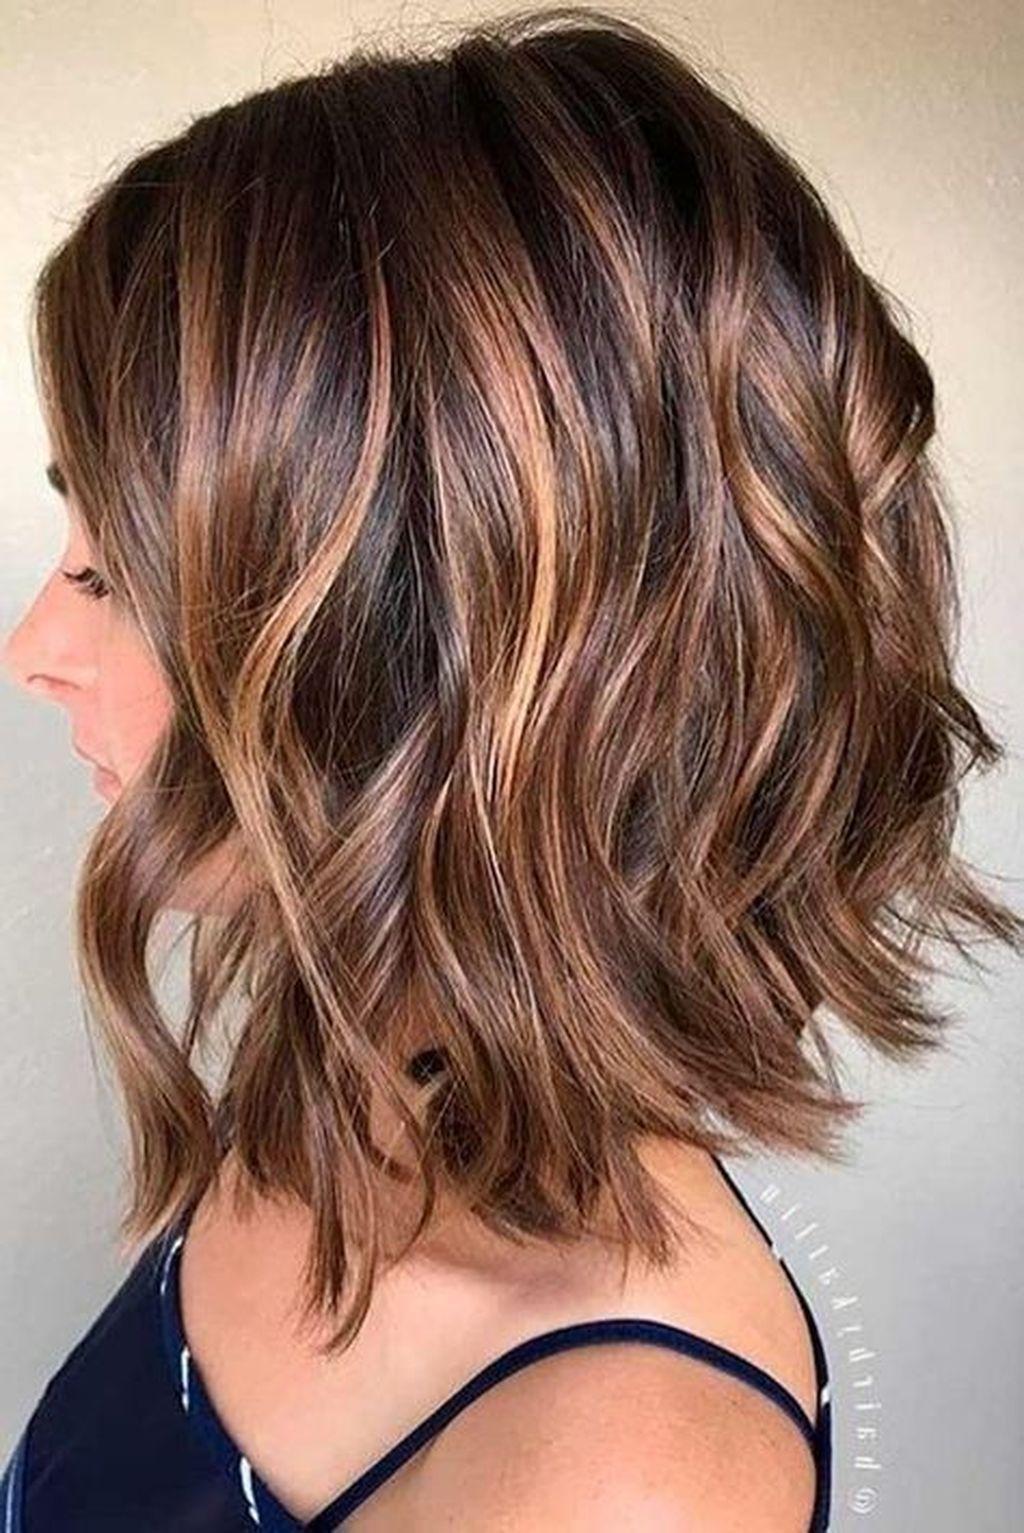 Pin On 2019 Hair